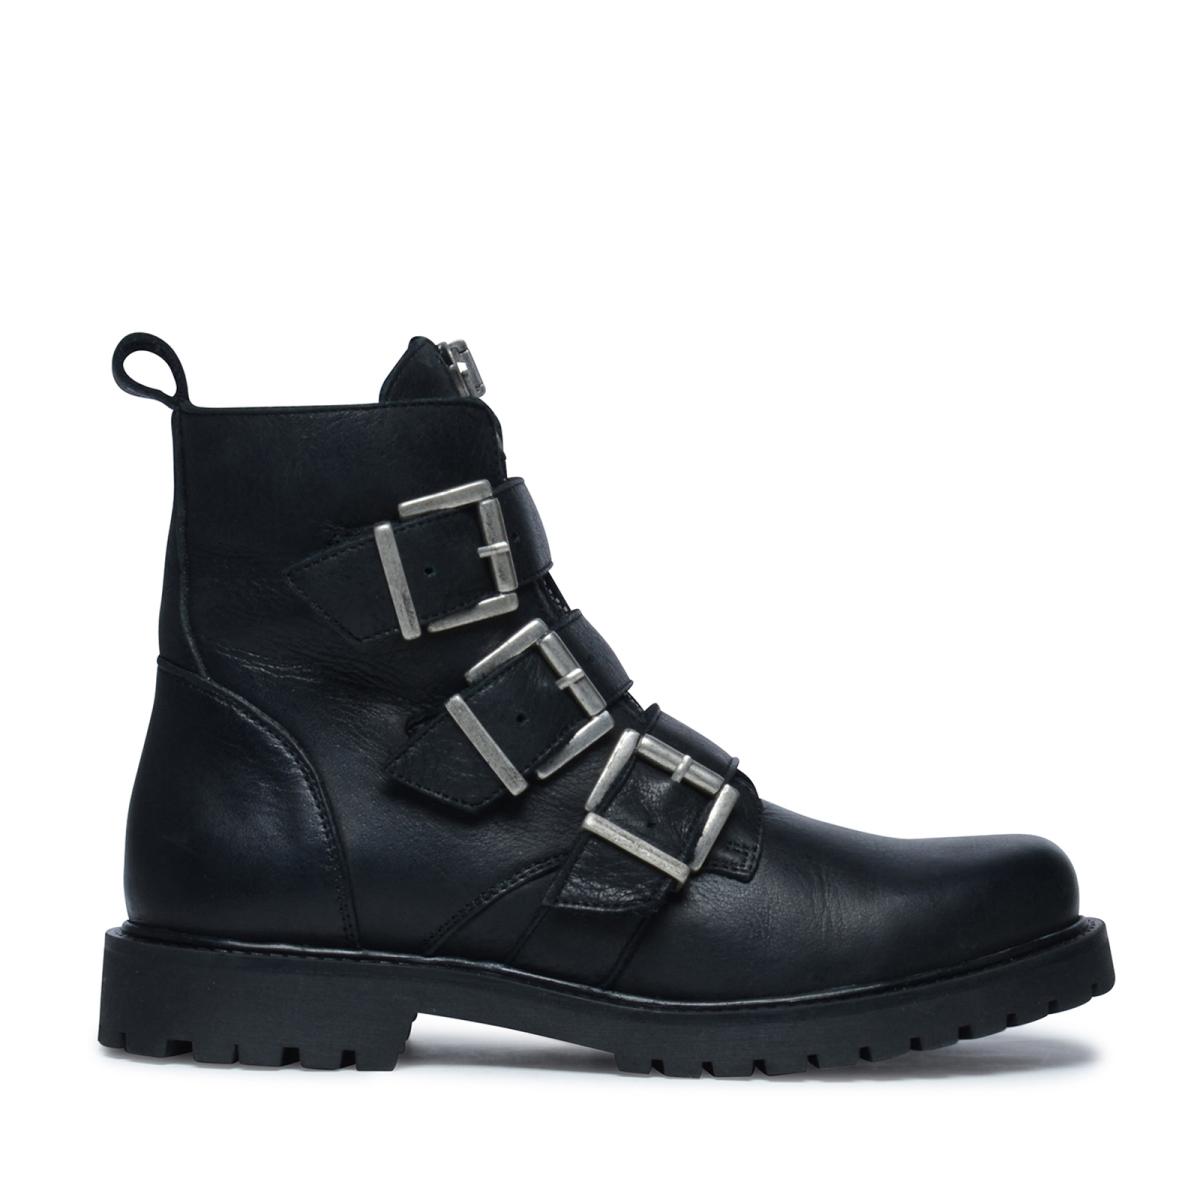 Echt Goedkoop Online Warm Te Koop Zwarte biker boots Klaring Verhandelbare kxUoCBKvt